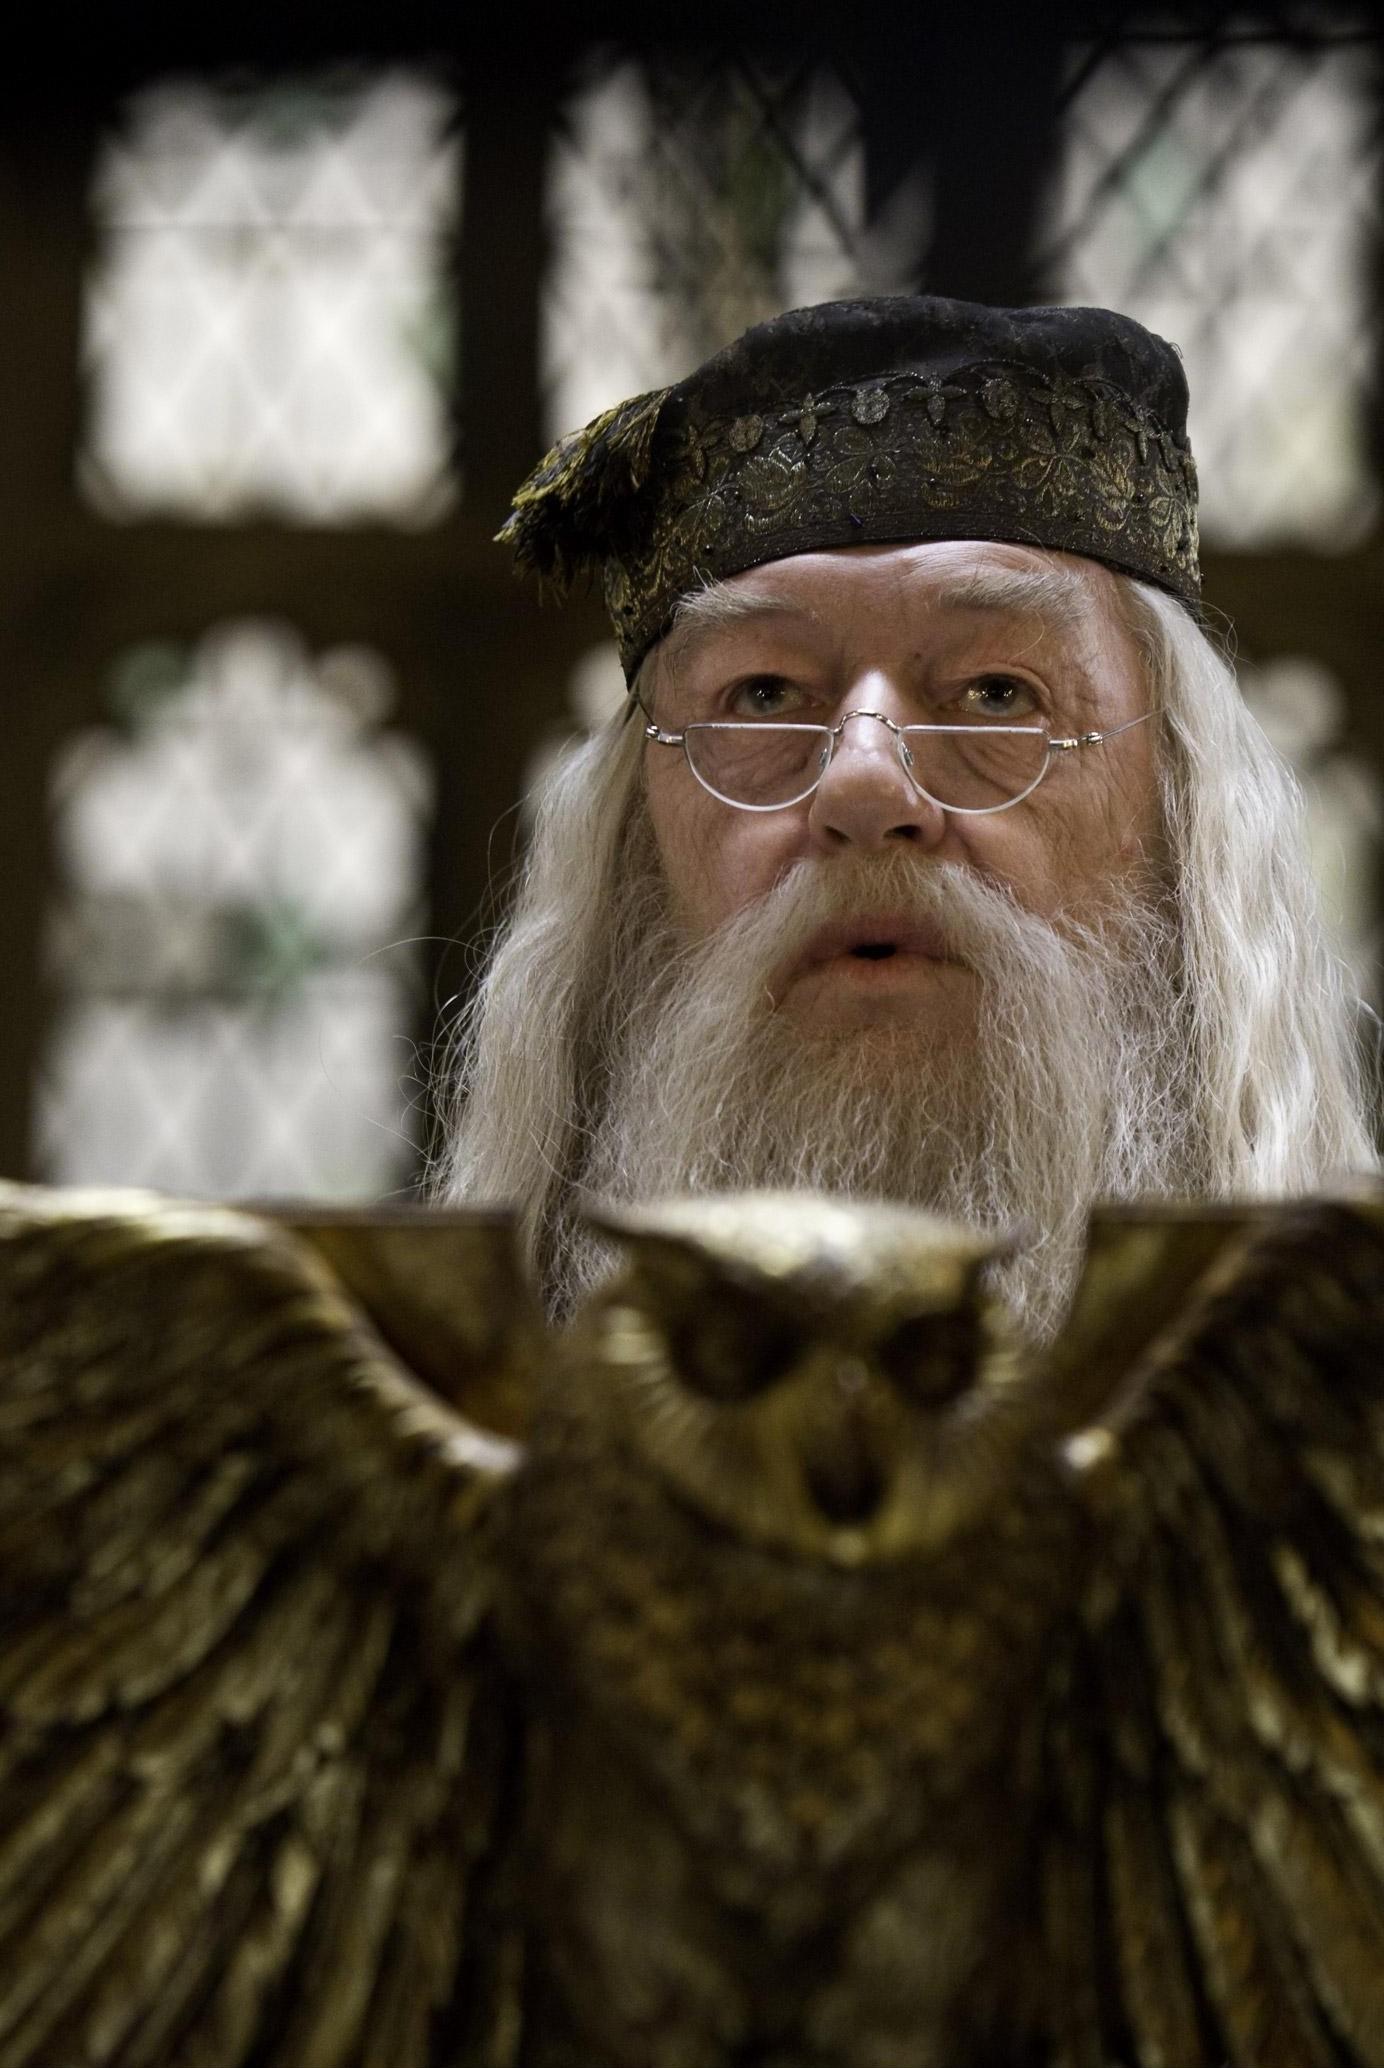 Voldemort Iphone Wallpaper Albus Dumbledore Wallpapers 62 Images